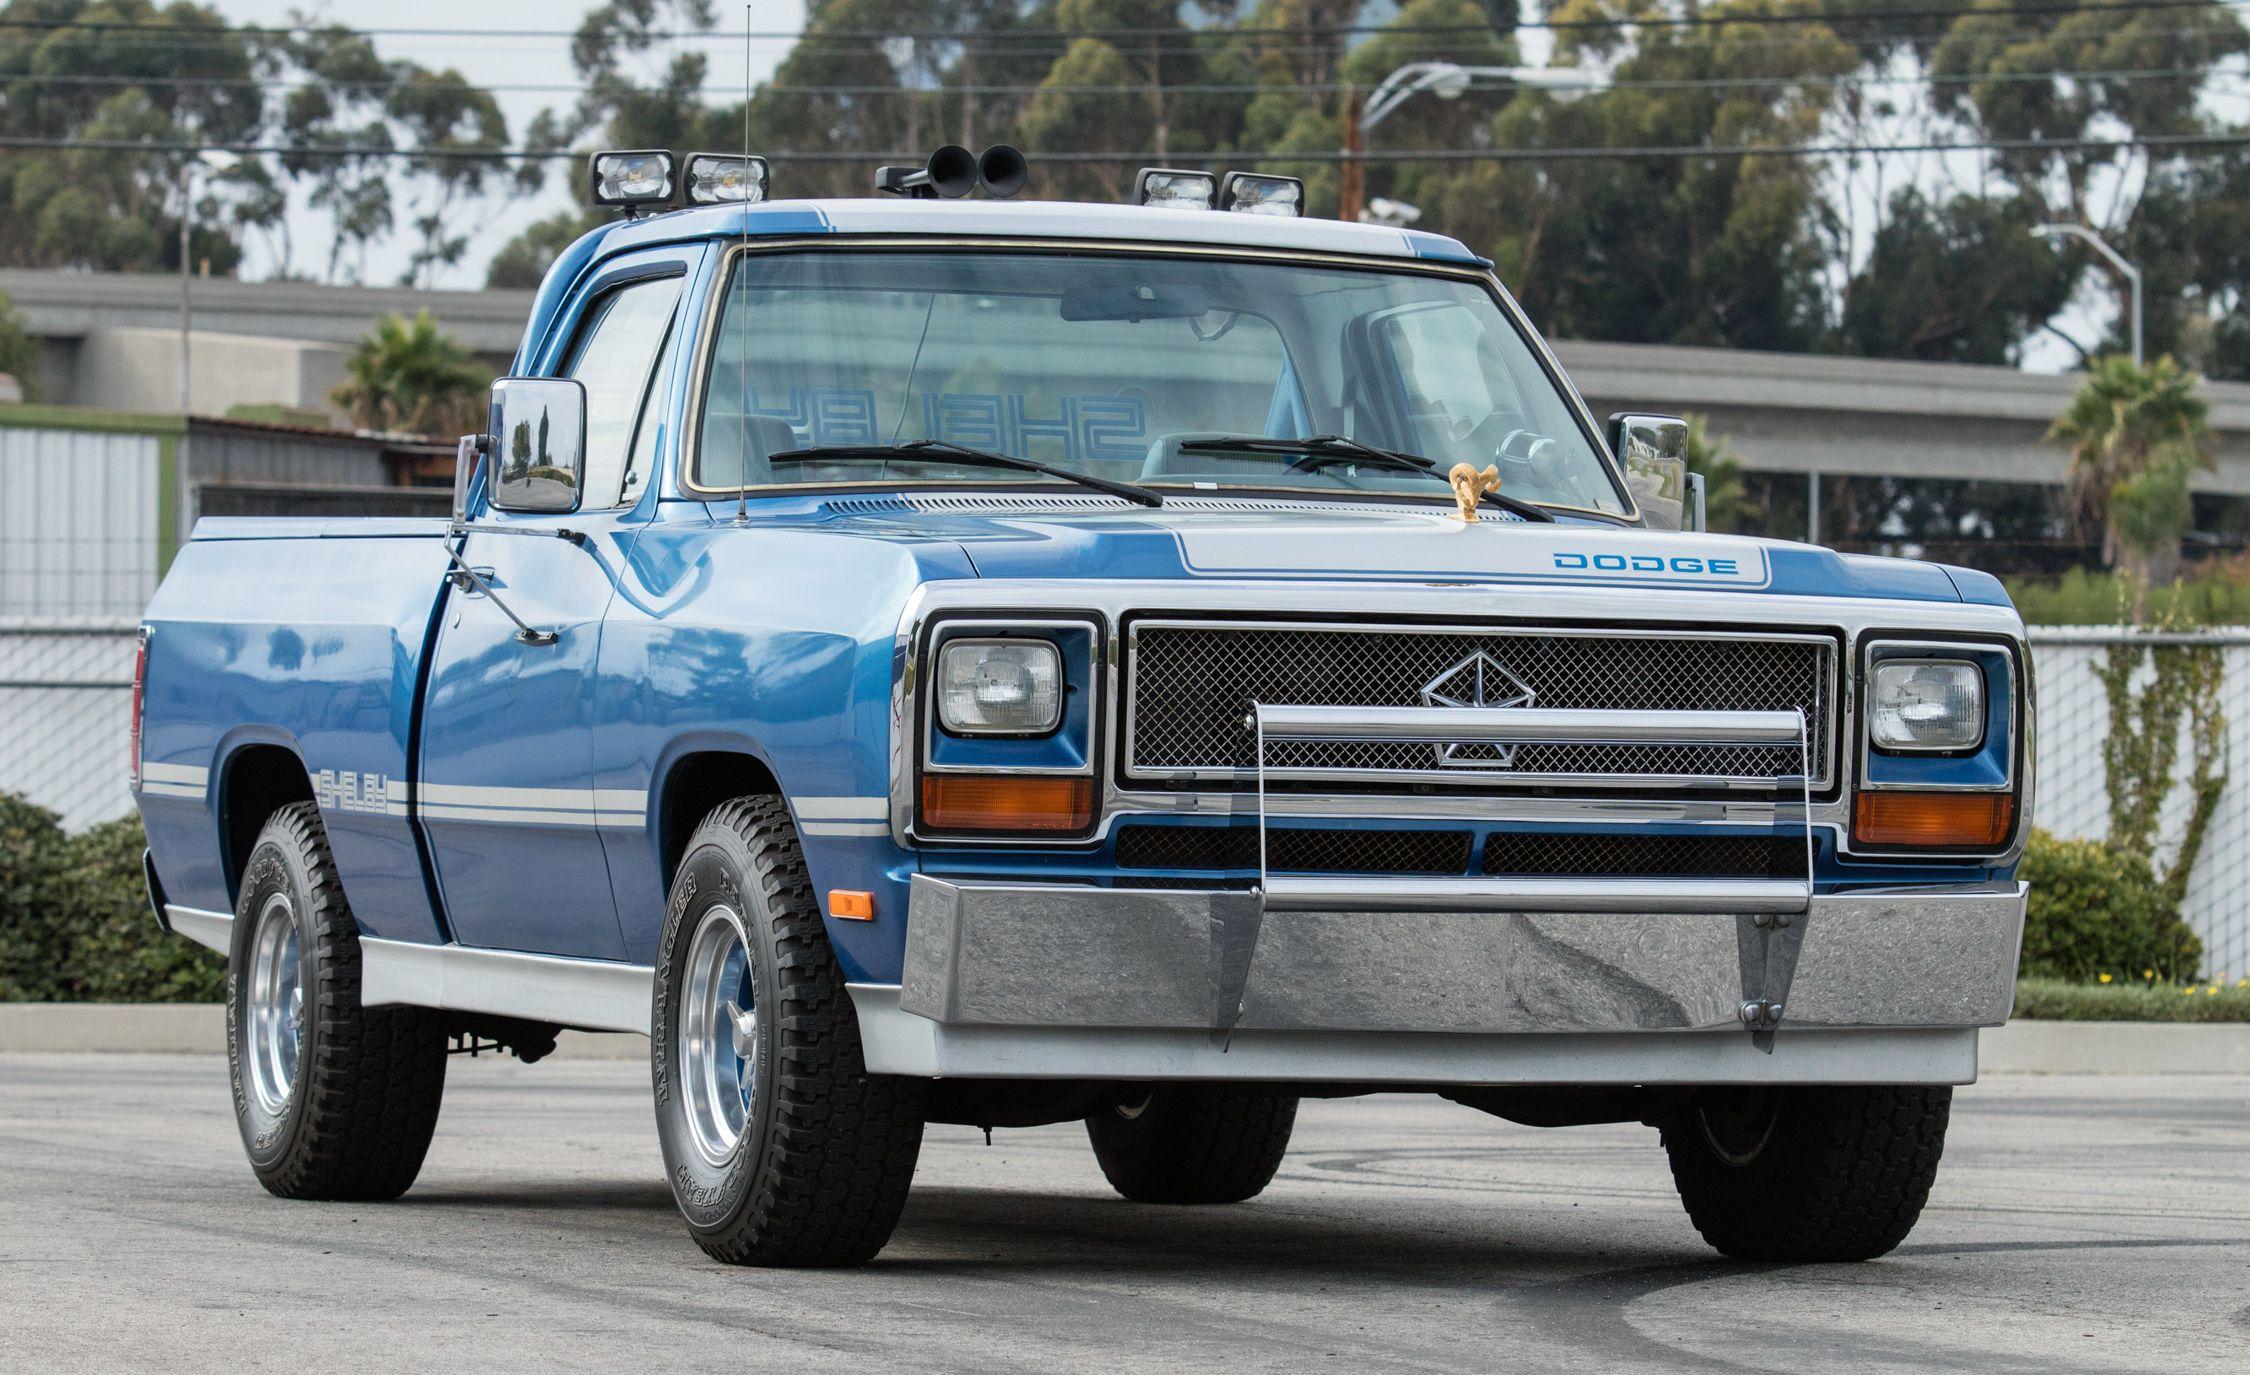 Dodge shelby pickup